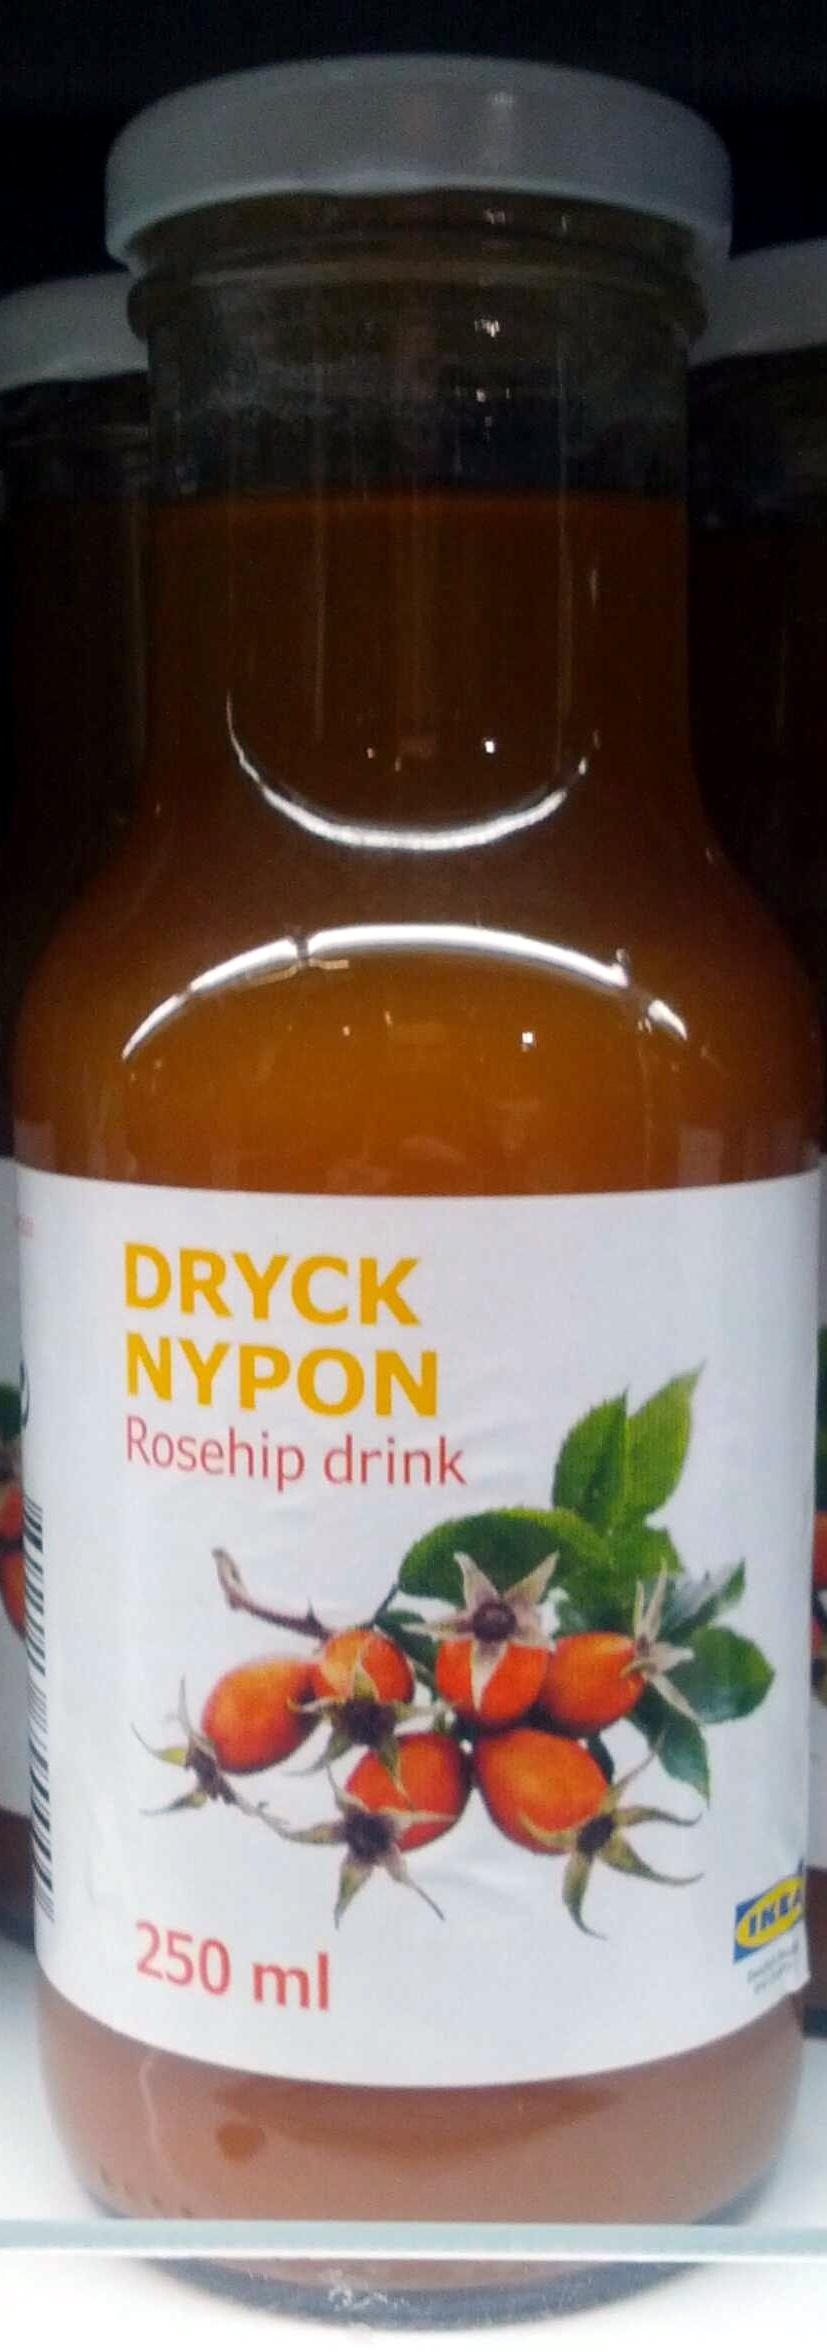 Dryck Nypon - Producto